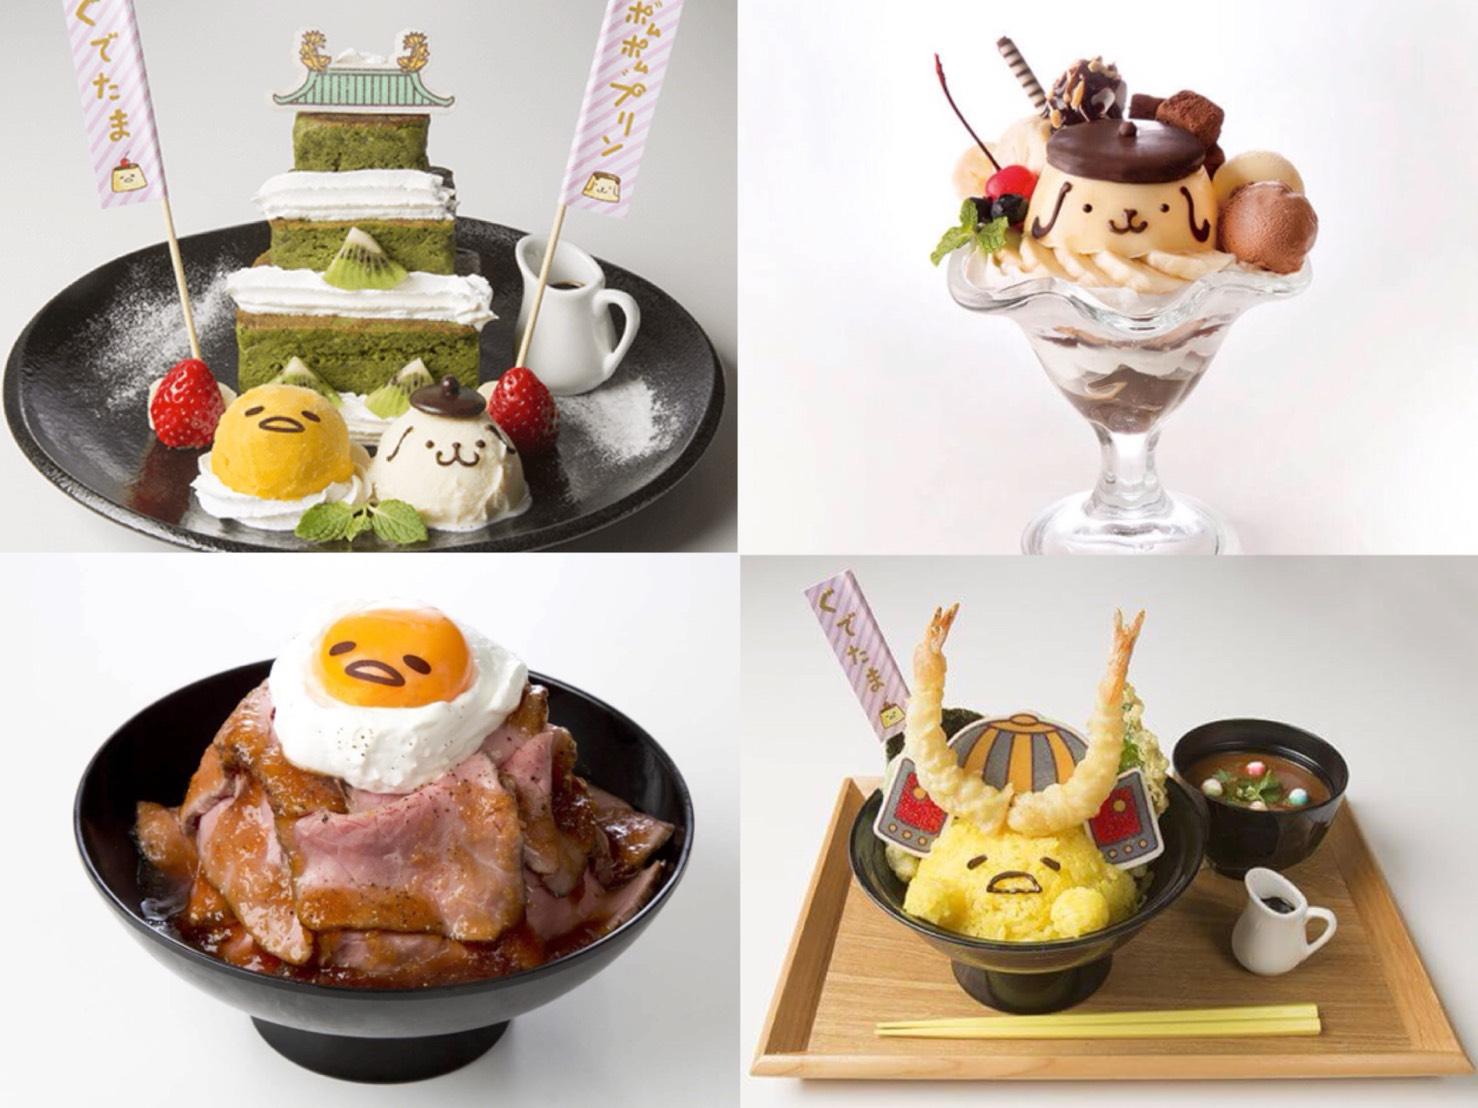 布丁狗×蛋黃哥的和風合作菜單 於名古屋限定販售 在名古屋、布丁狗、蛋黃哥、